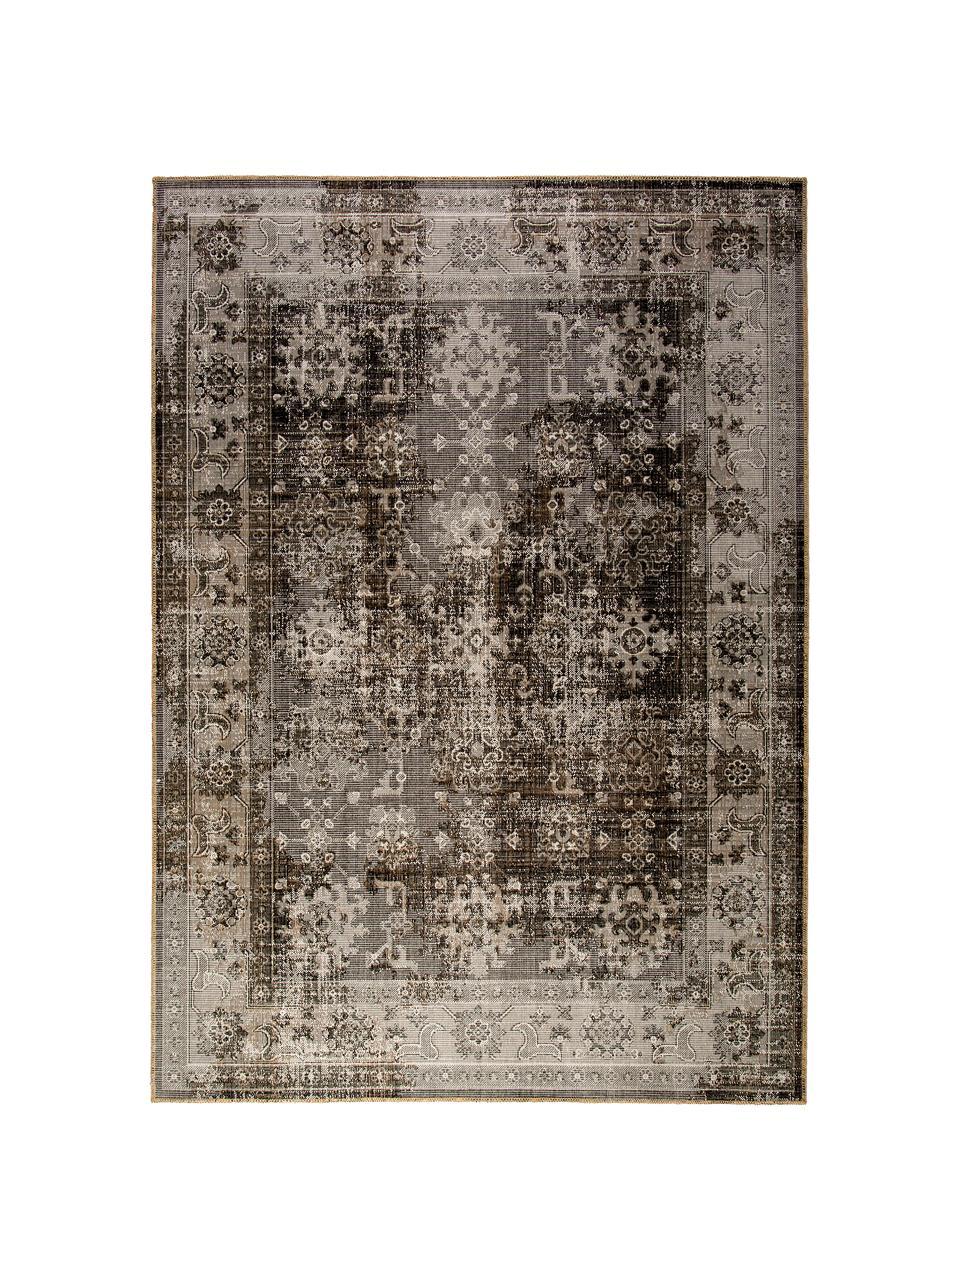 In- & Outdoor-Teppich Tilas Antalya im Vintage Style, 100% Polypropylen, Grautöne, Schwarz, B 160 x L 230 cm (Größe M)